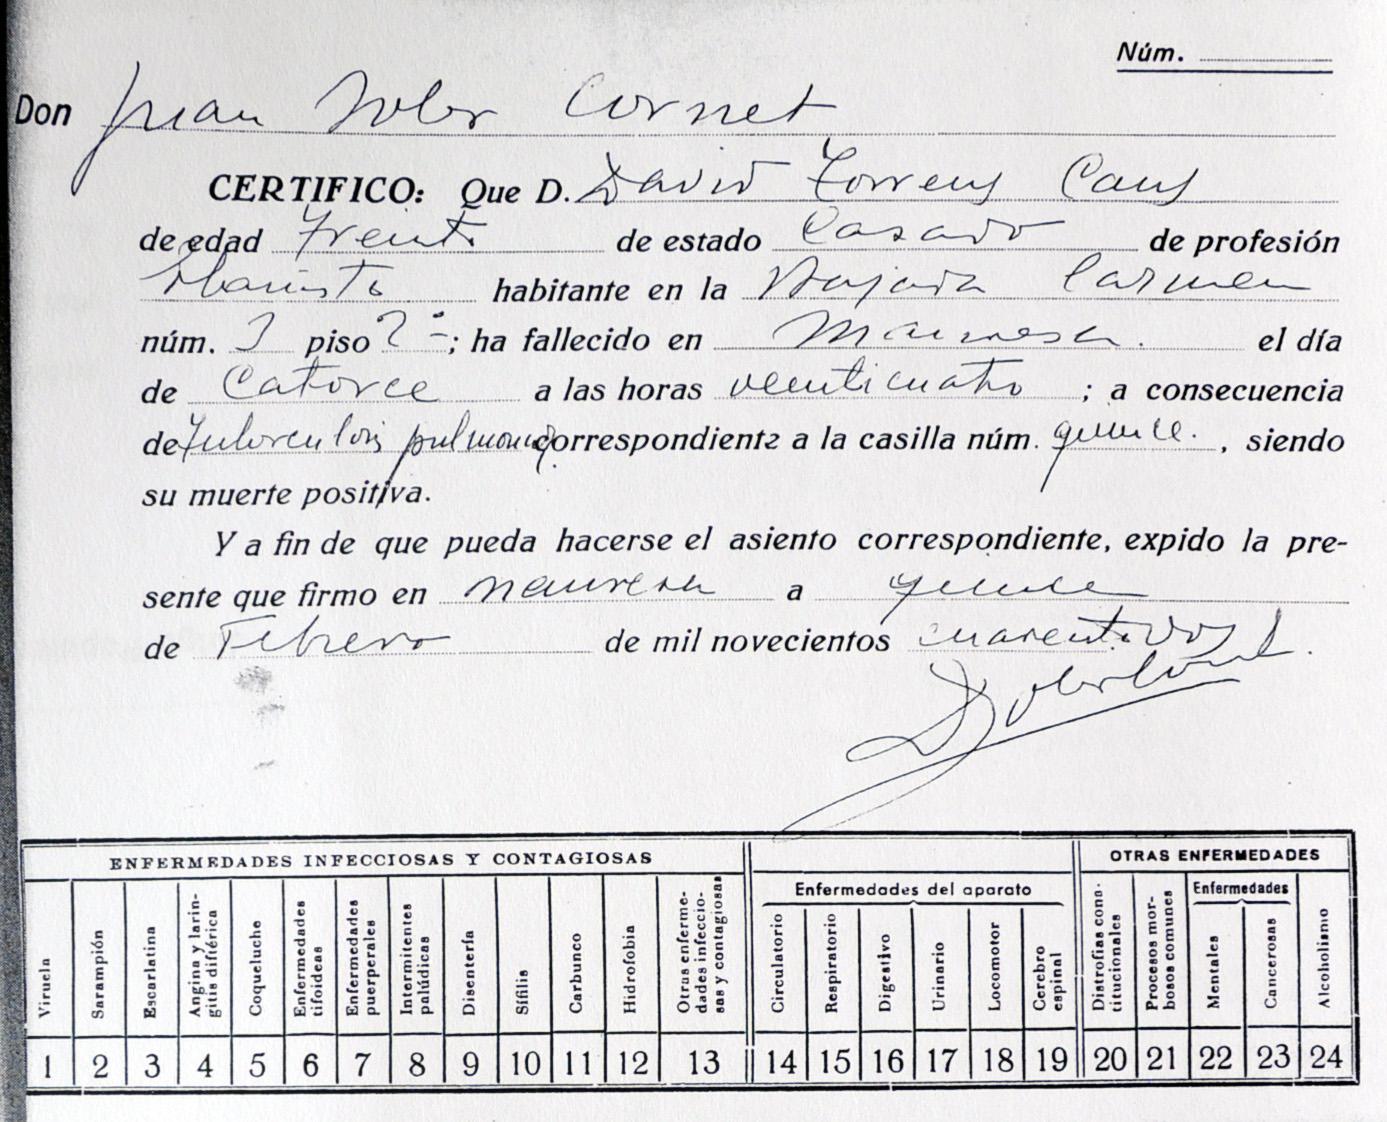 Certificat de defunció